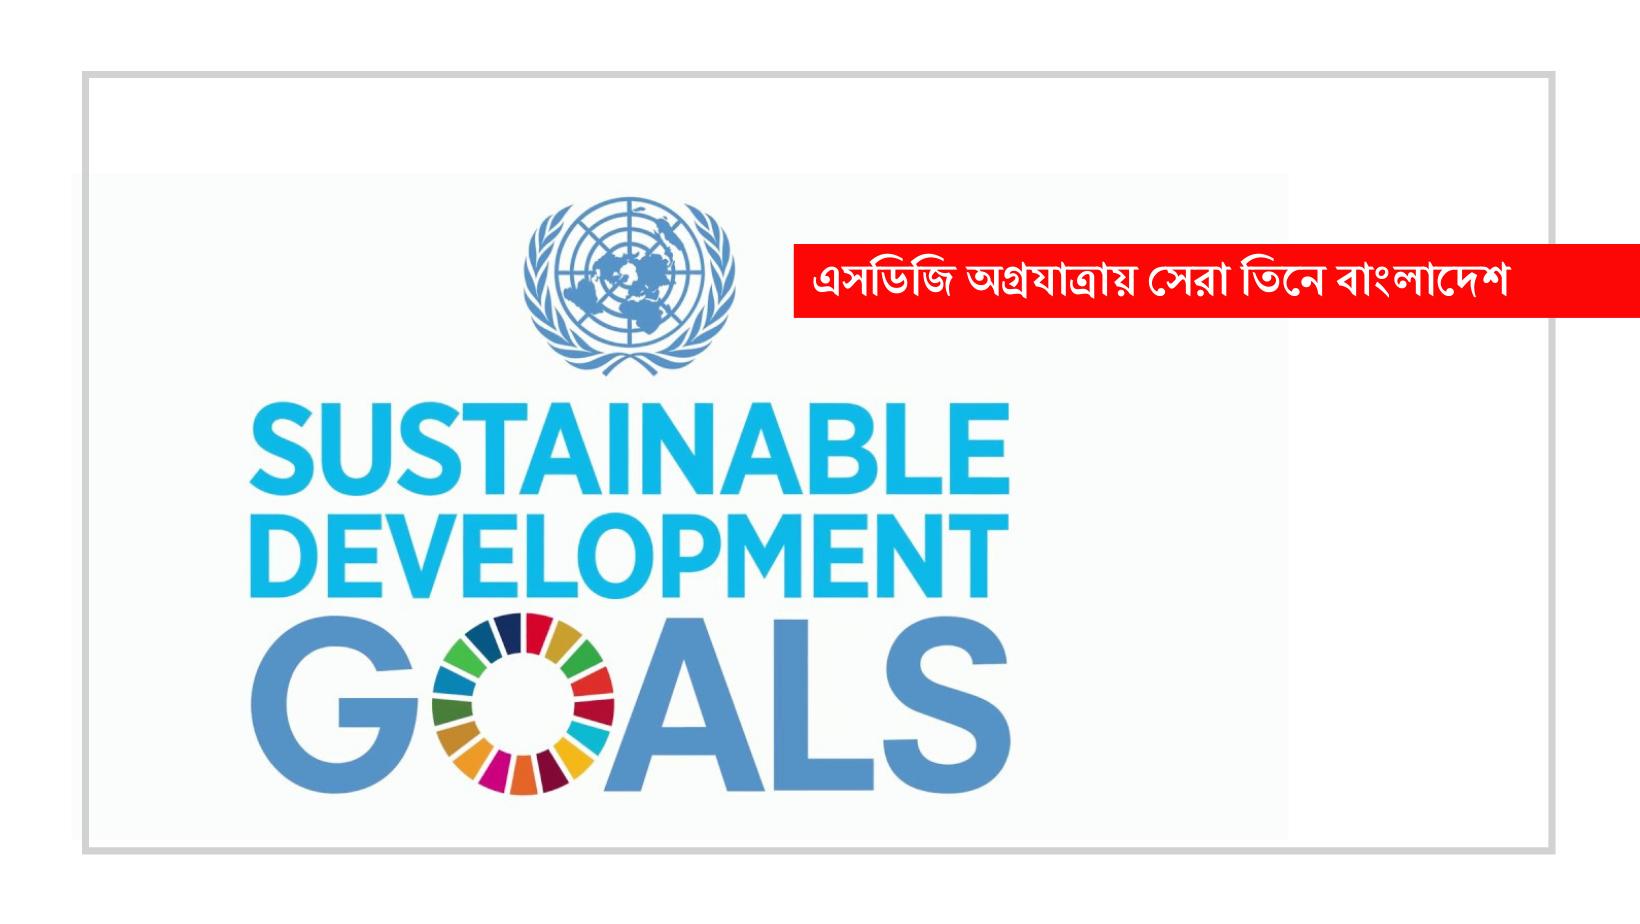 সেরা তিনে বাংলাদেশ : টেকসই উন্নয়ন লক্ষ্যমাত্রা